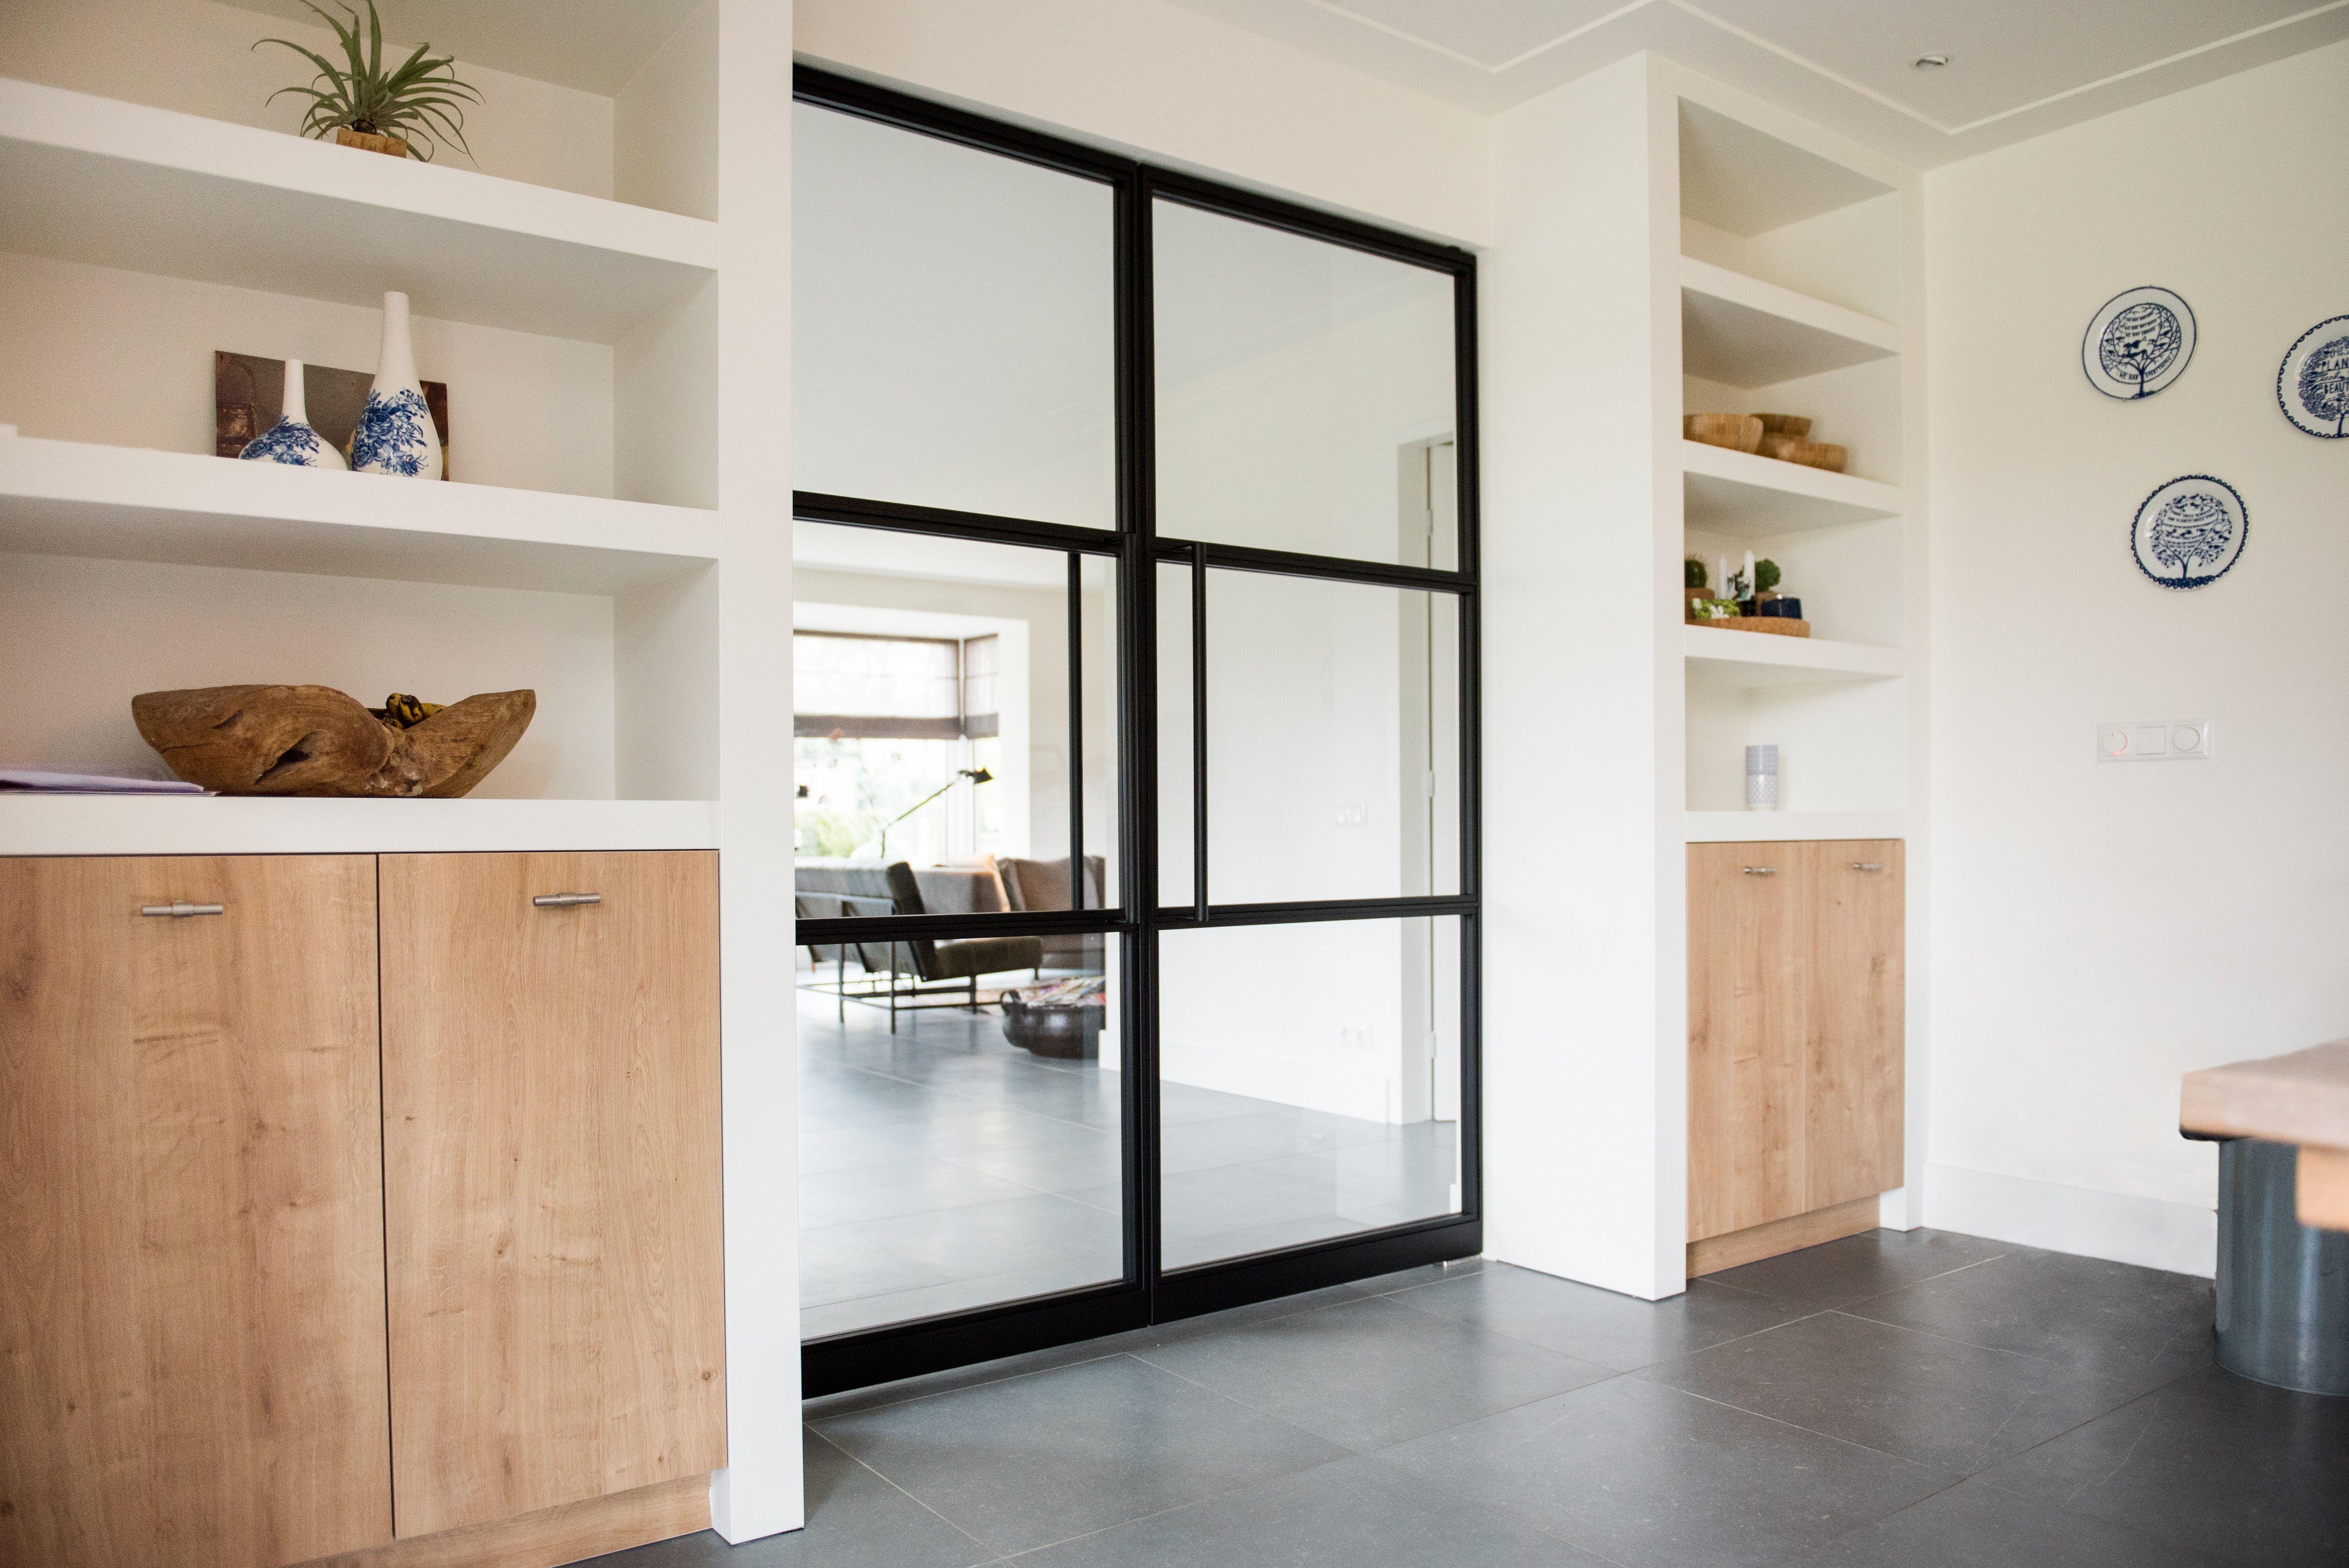 Een Stalen Deur : Droomt u ook over een stalen deur in uw huis wilt u uw stalen